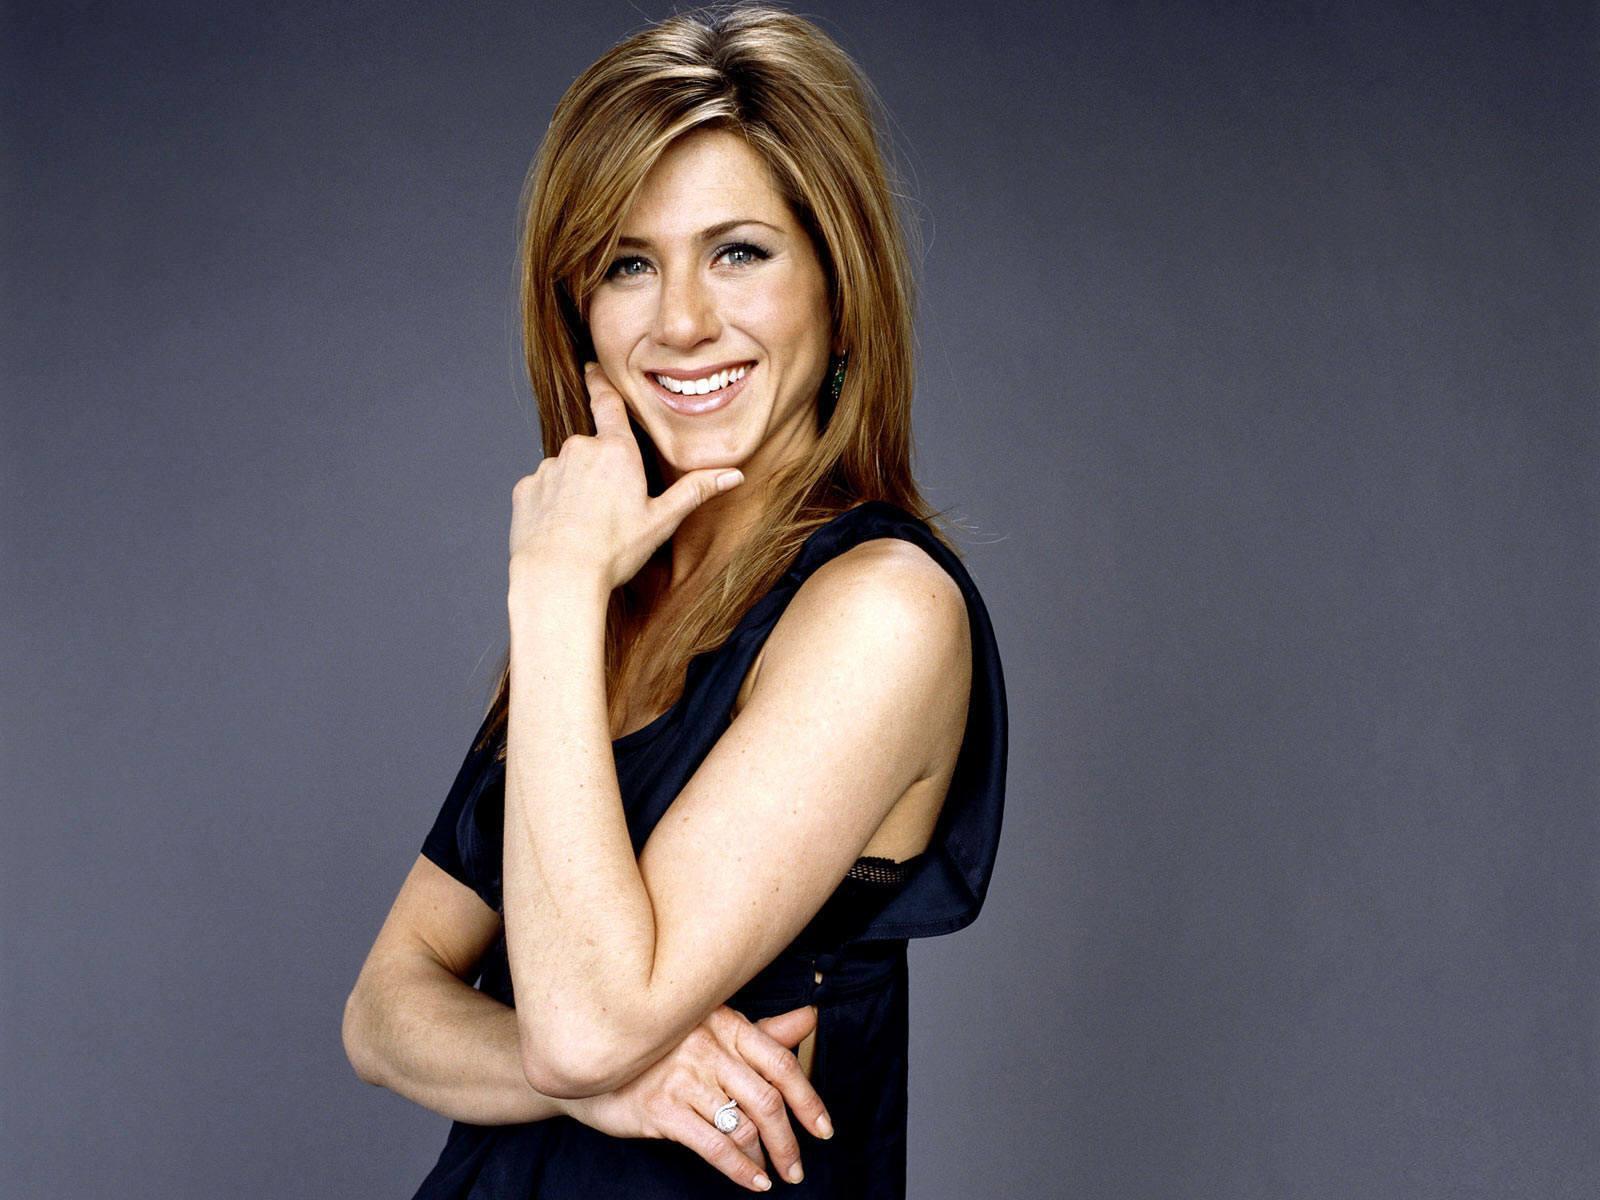 http://1.bp.blogspot.com/_nEmB3Z5F5EM/TK9v-tWJfQI/AAAAAAAAImQ/1Y9kES3ShMM/s1600/Jennifer-Aniston-Wallpaper-001.jpg